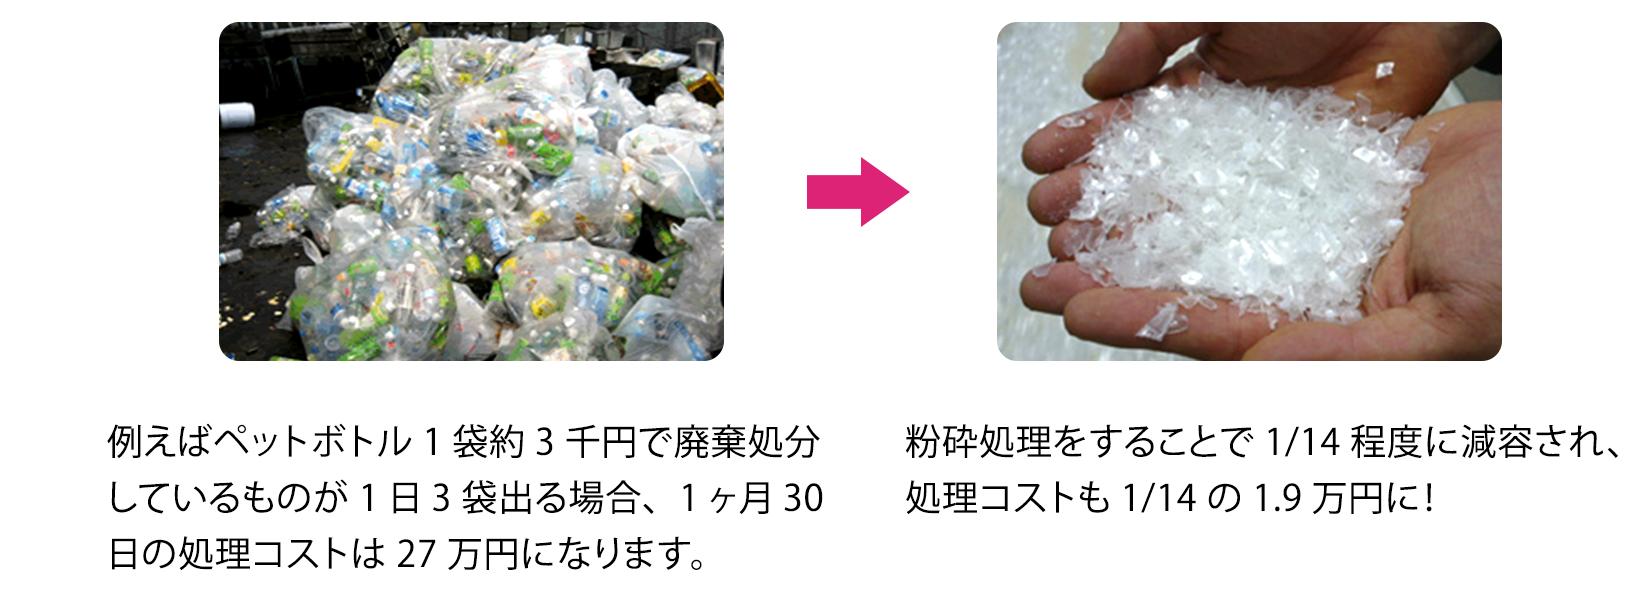 ペットボトルやプラスチックを14分の1まで減容